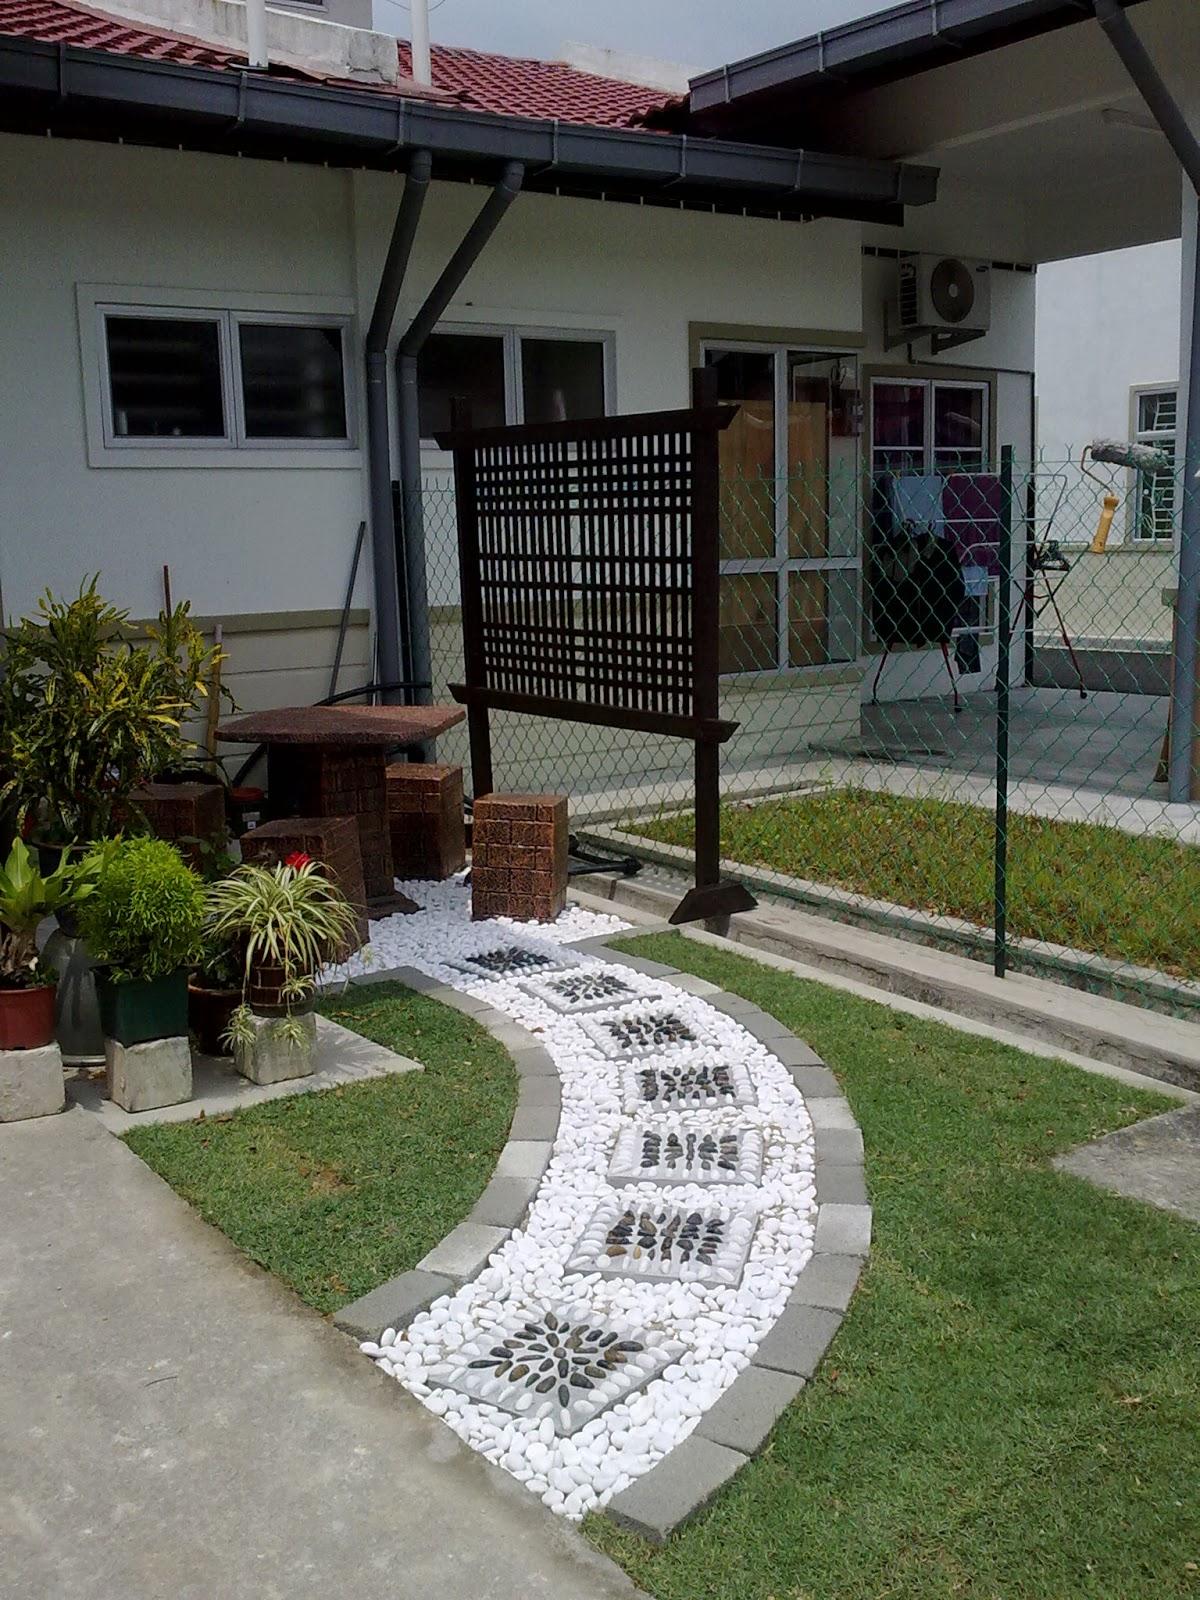 taman mini, landskap serta perkhidmatan menjaga taman secara bulanan